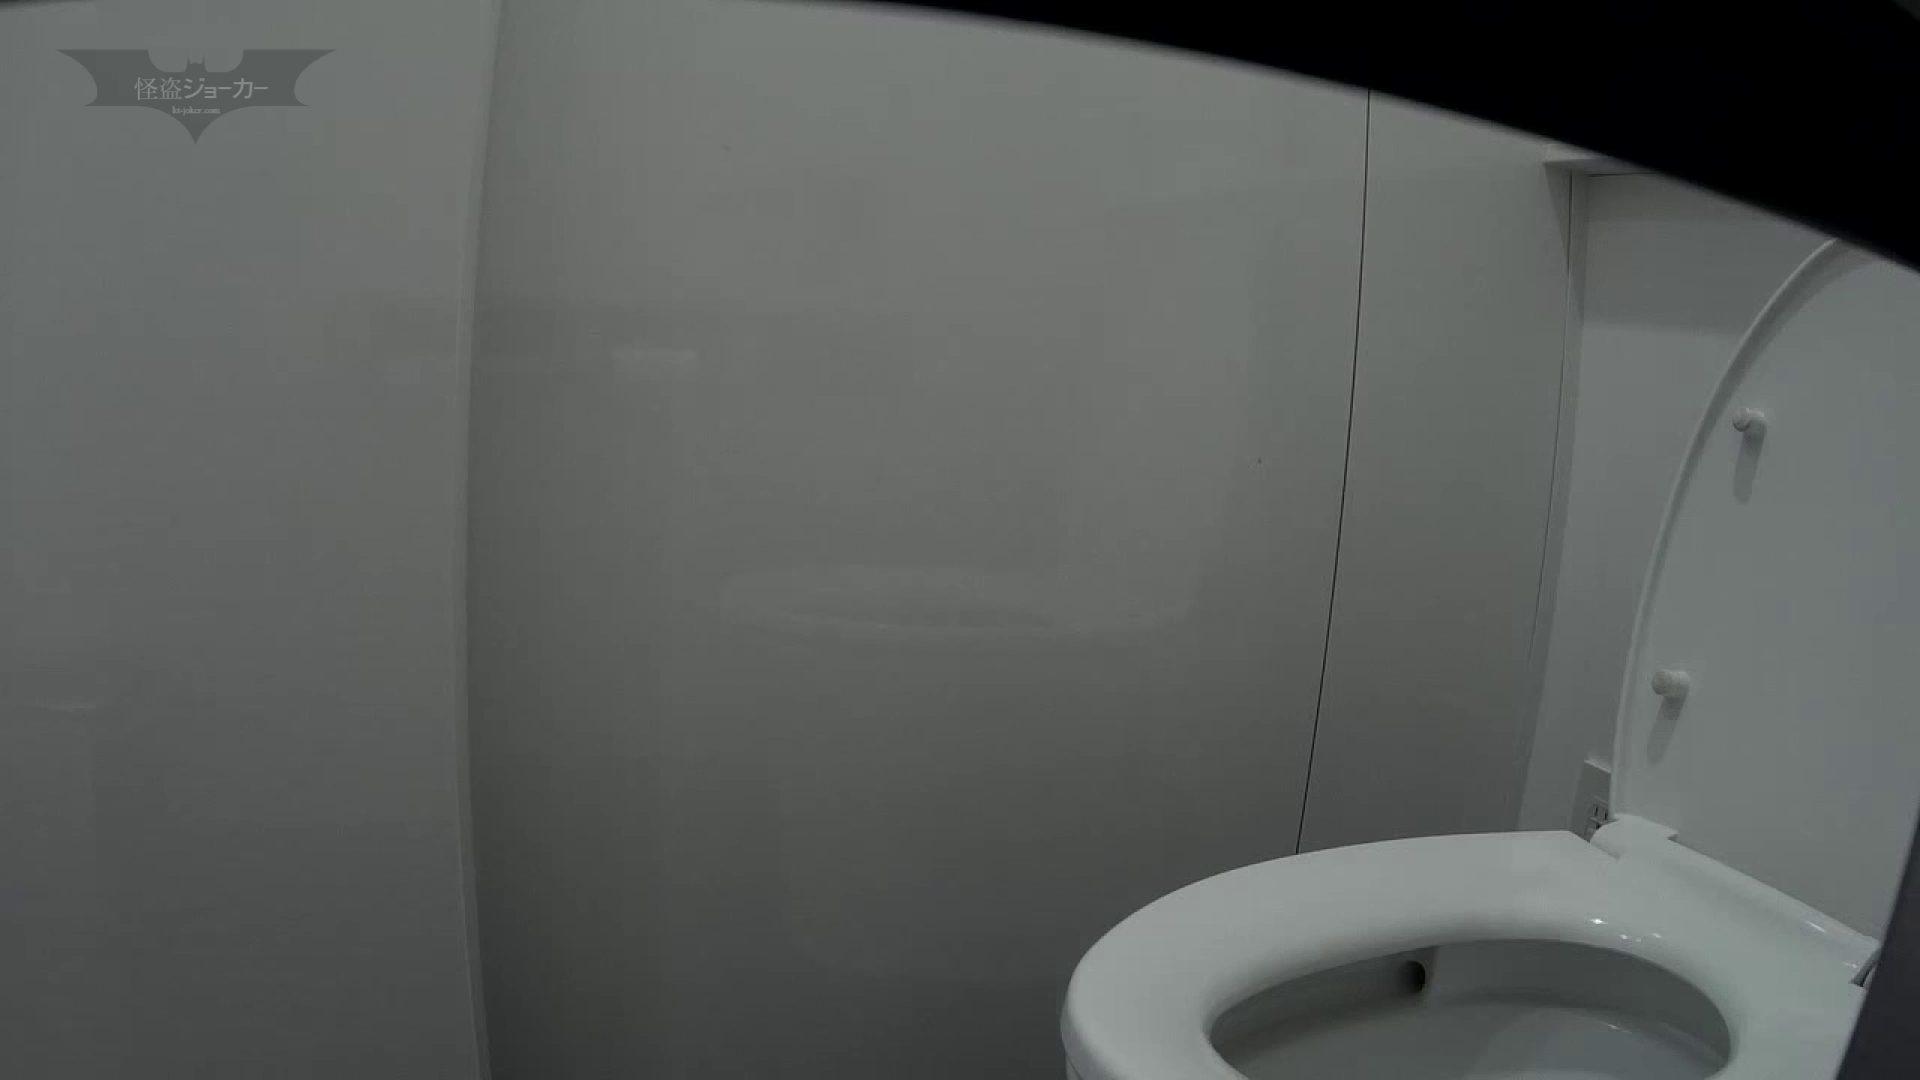 有名大学女性洗面所 vol.57 S級美女マルチアングル撮り!! 投稿   潜入 のぞき 70画像 1